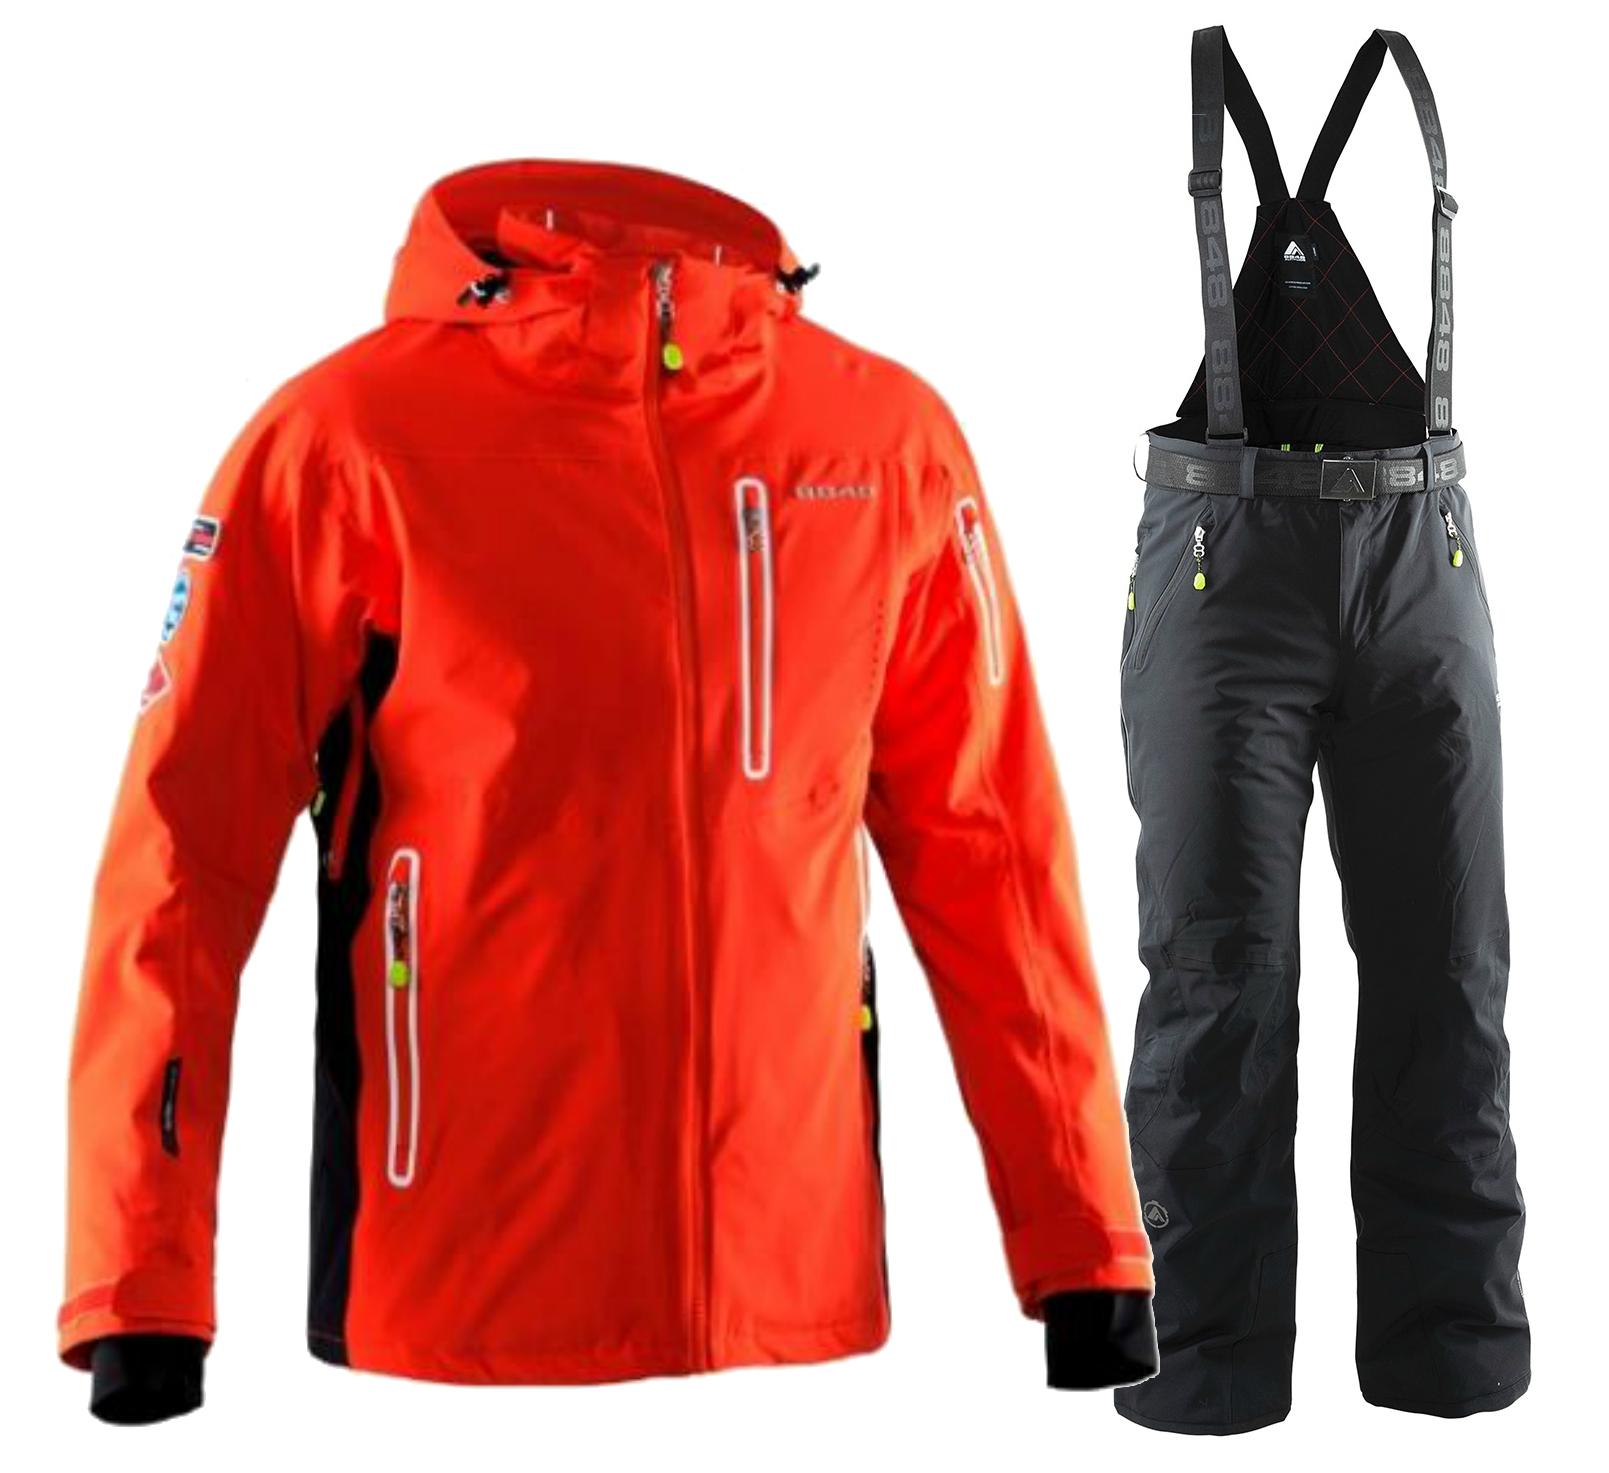 Мужской горнолыжный костюм 8848 Altitude Hinault/Venture (7017G1-702808)